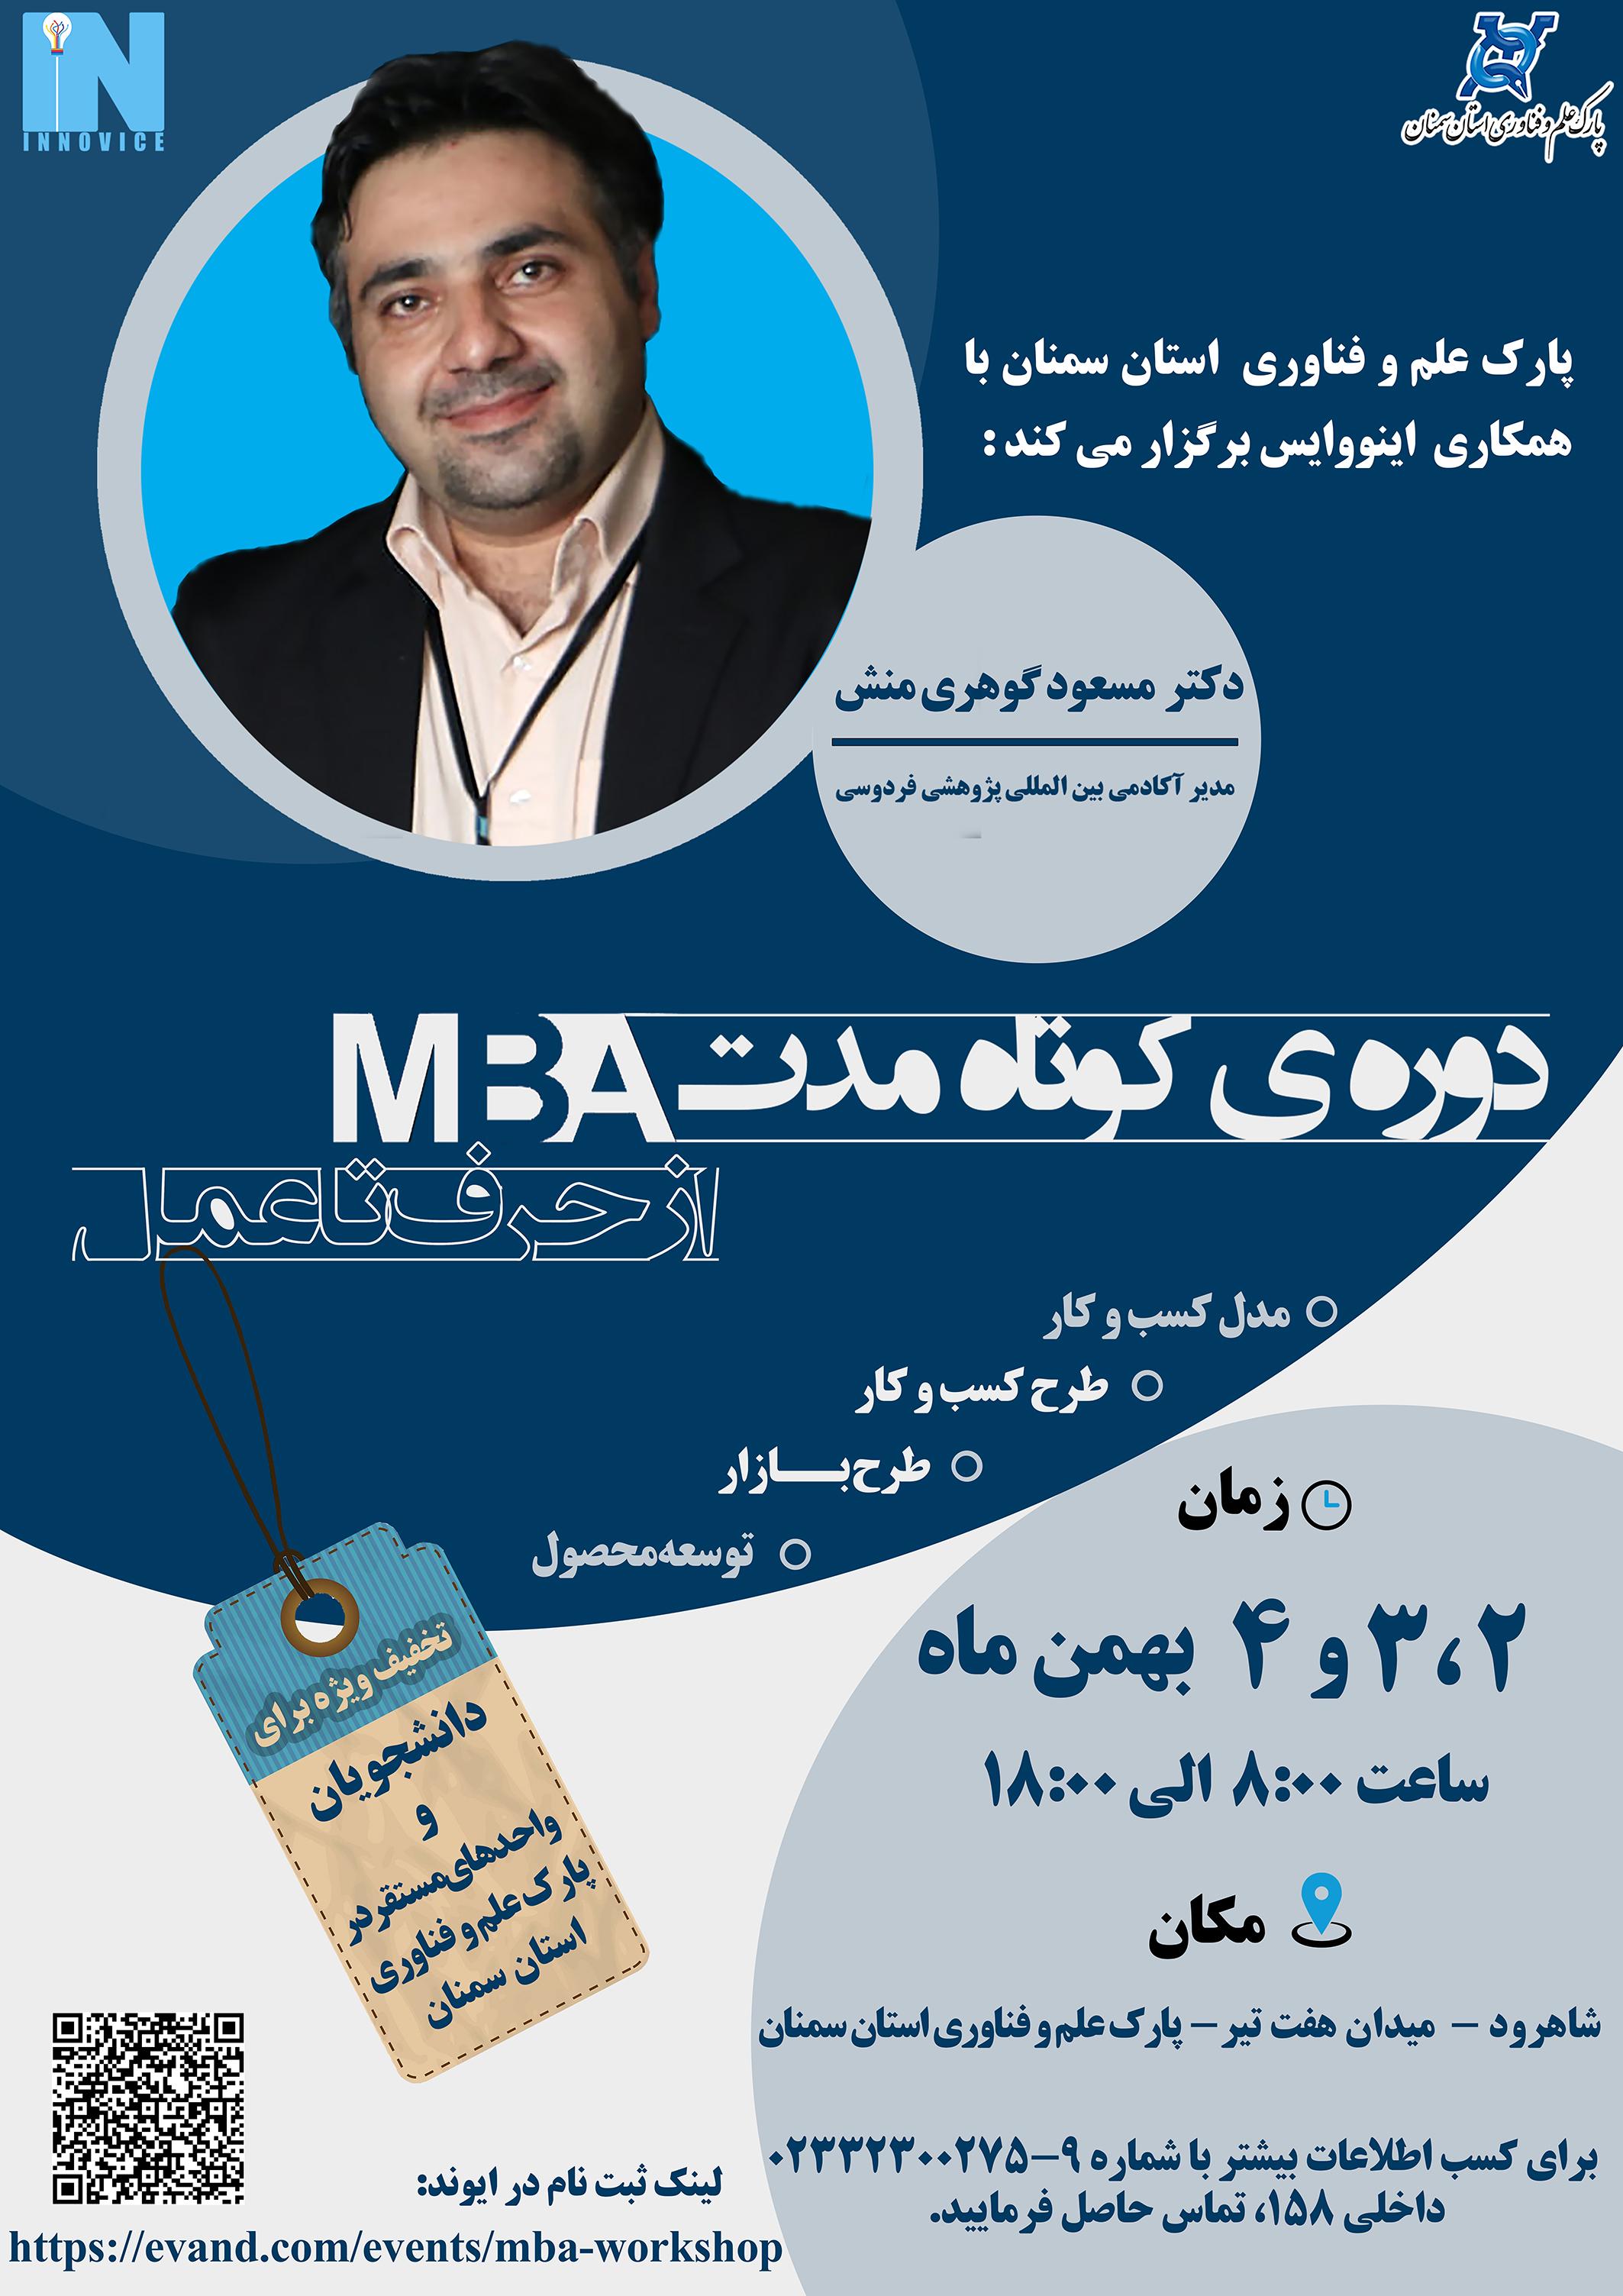 کاراه آموزشی mini MBA